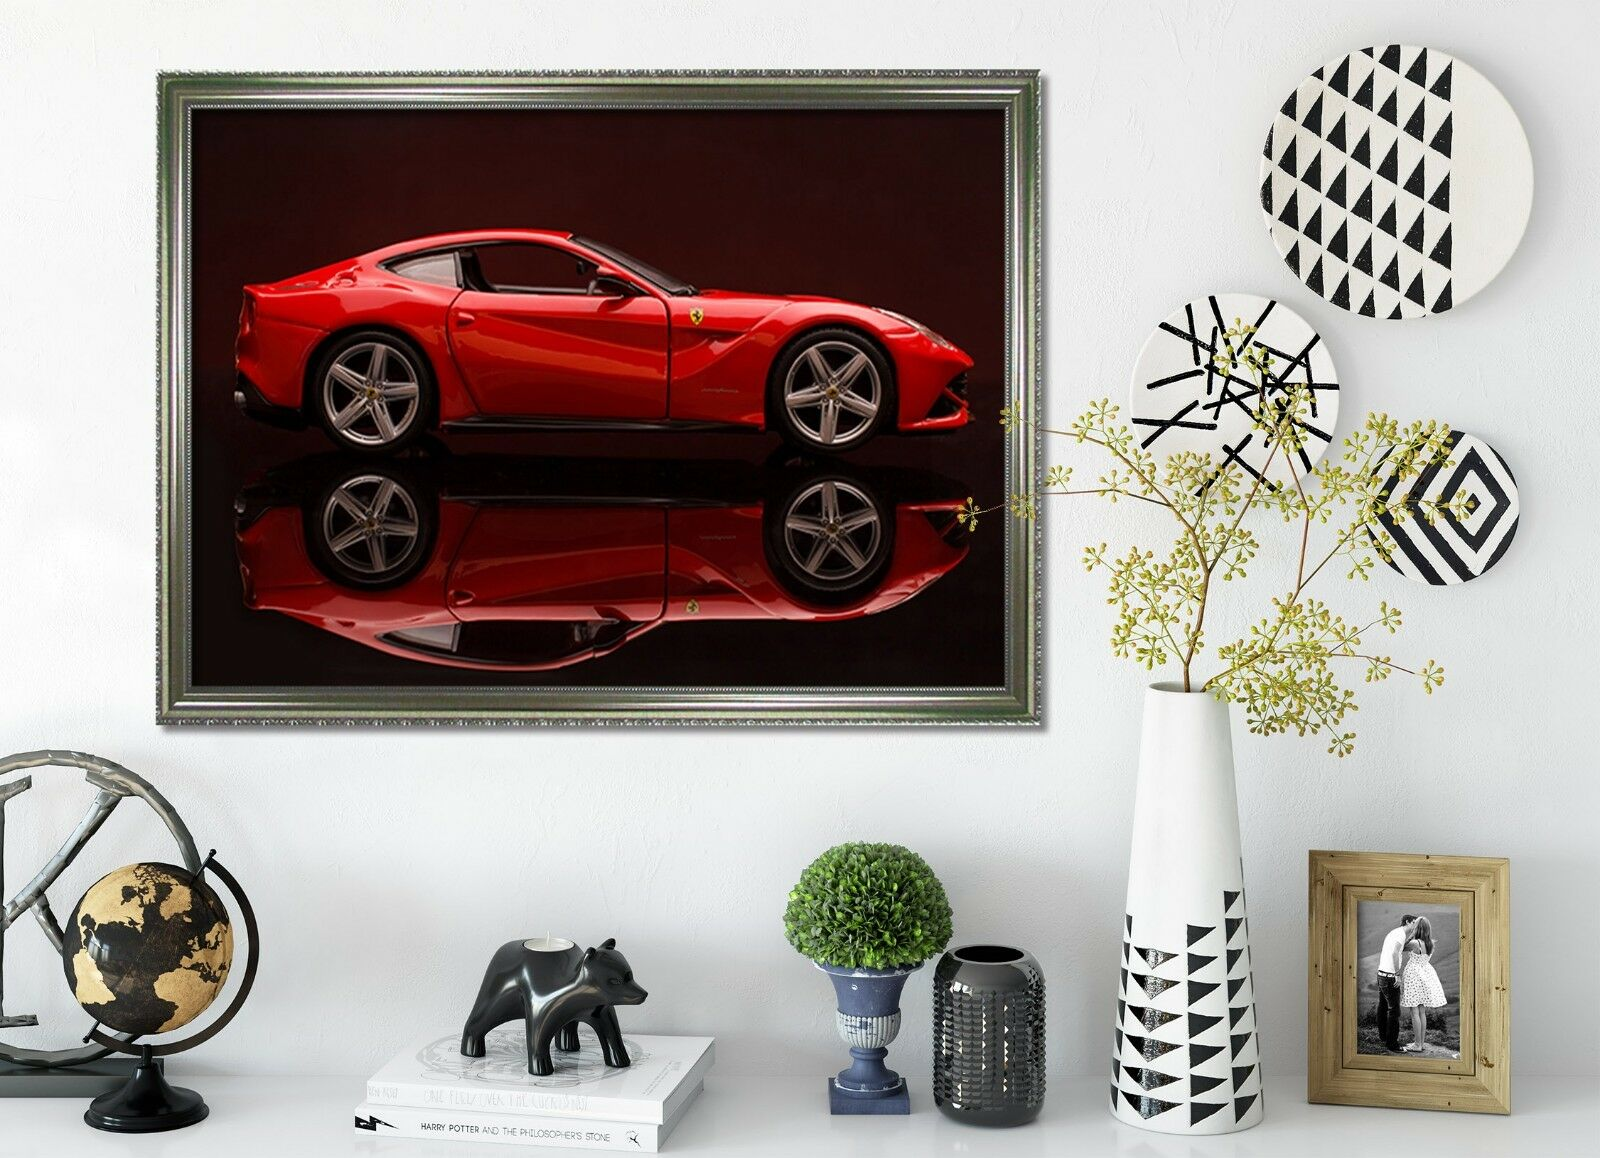 3D Rotes Luxusauto 1 Gerahmt Poster Daheim Dekor Drucken Malerei Kunst AJ DE